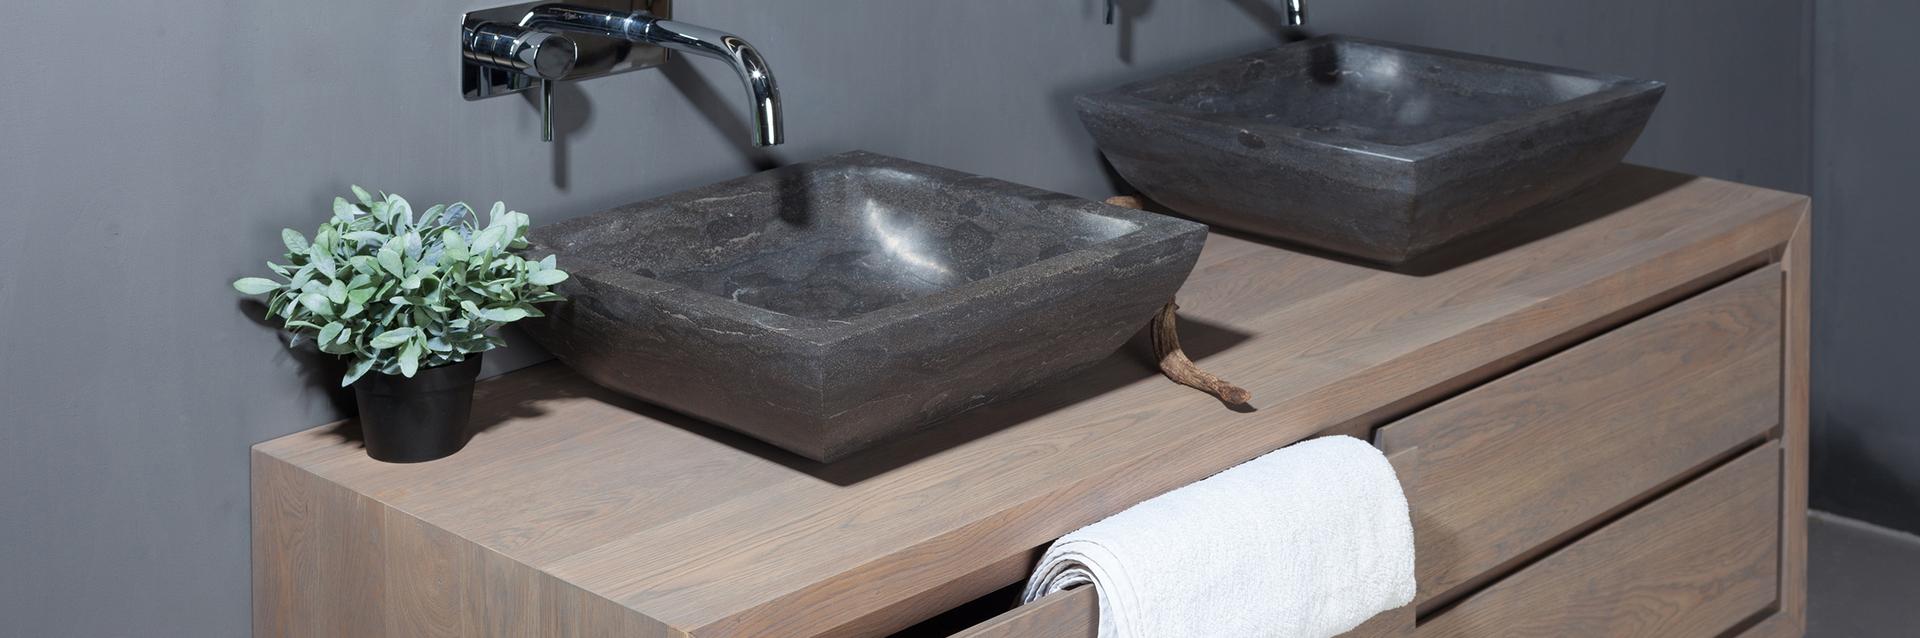 Eikenhouten badkamermeubelen - Eikenhouten badkamermeubelen